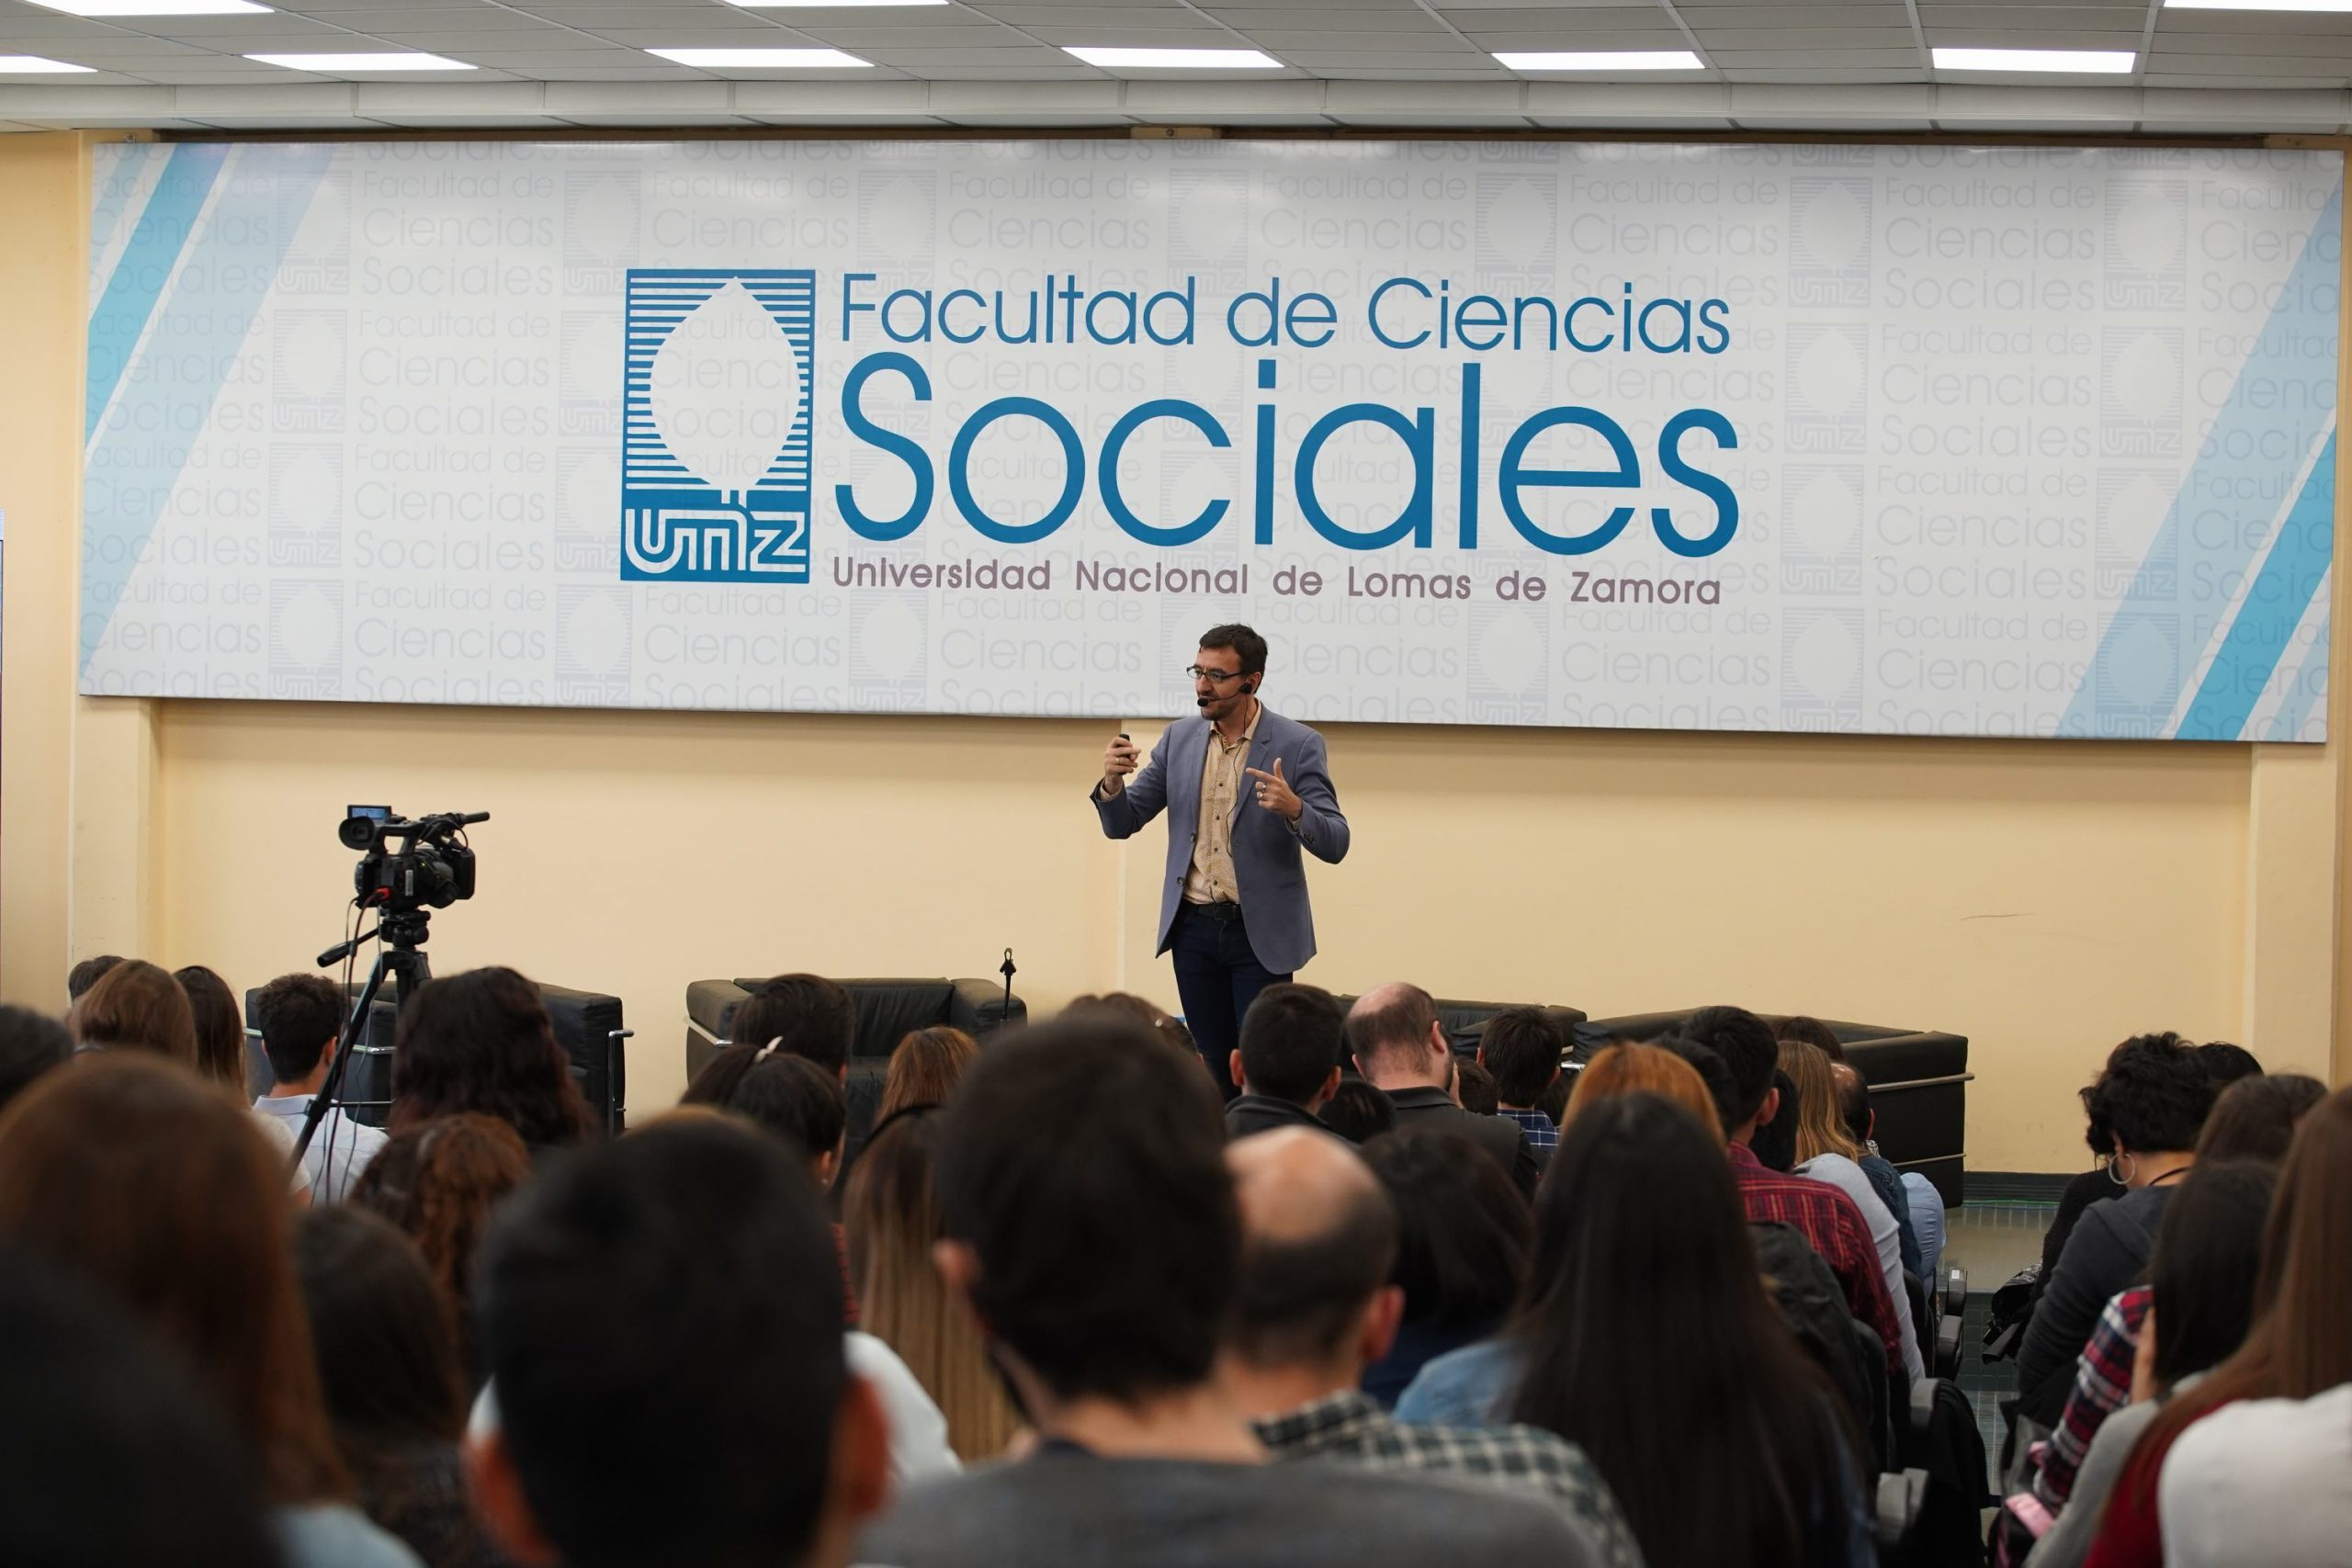 Se vienen las Cuartas Jornadas de Comunicación de la Facultad de Ciencias Sociales UNLZ